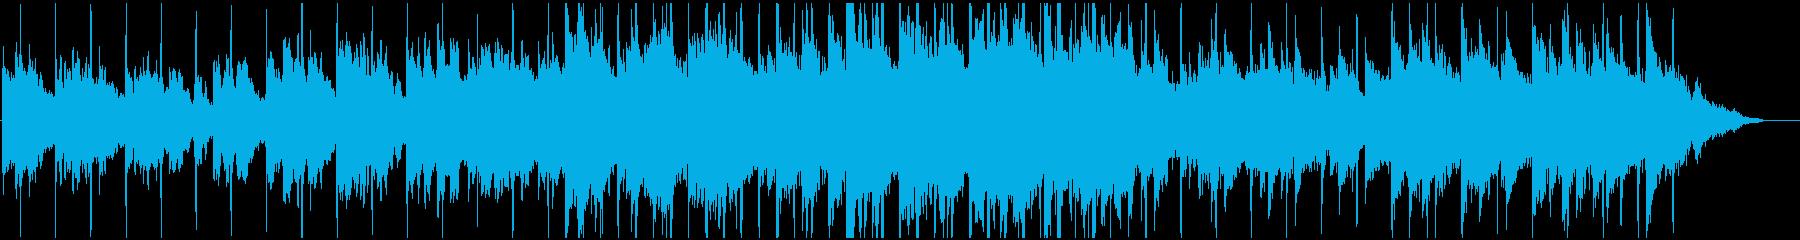 冬、クリスマス スロージャム バラードの再生済みの波形